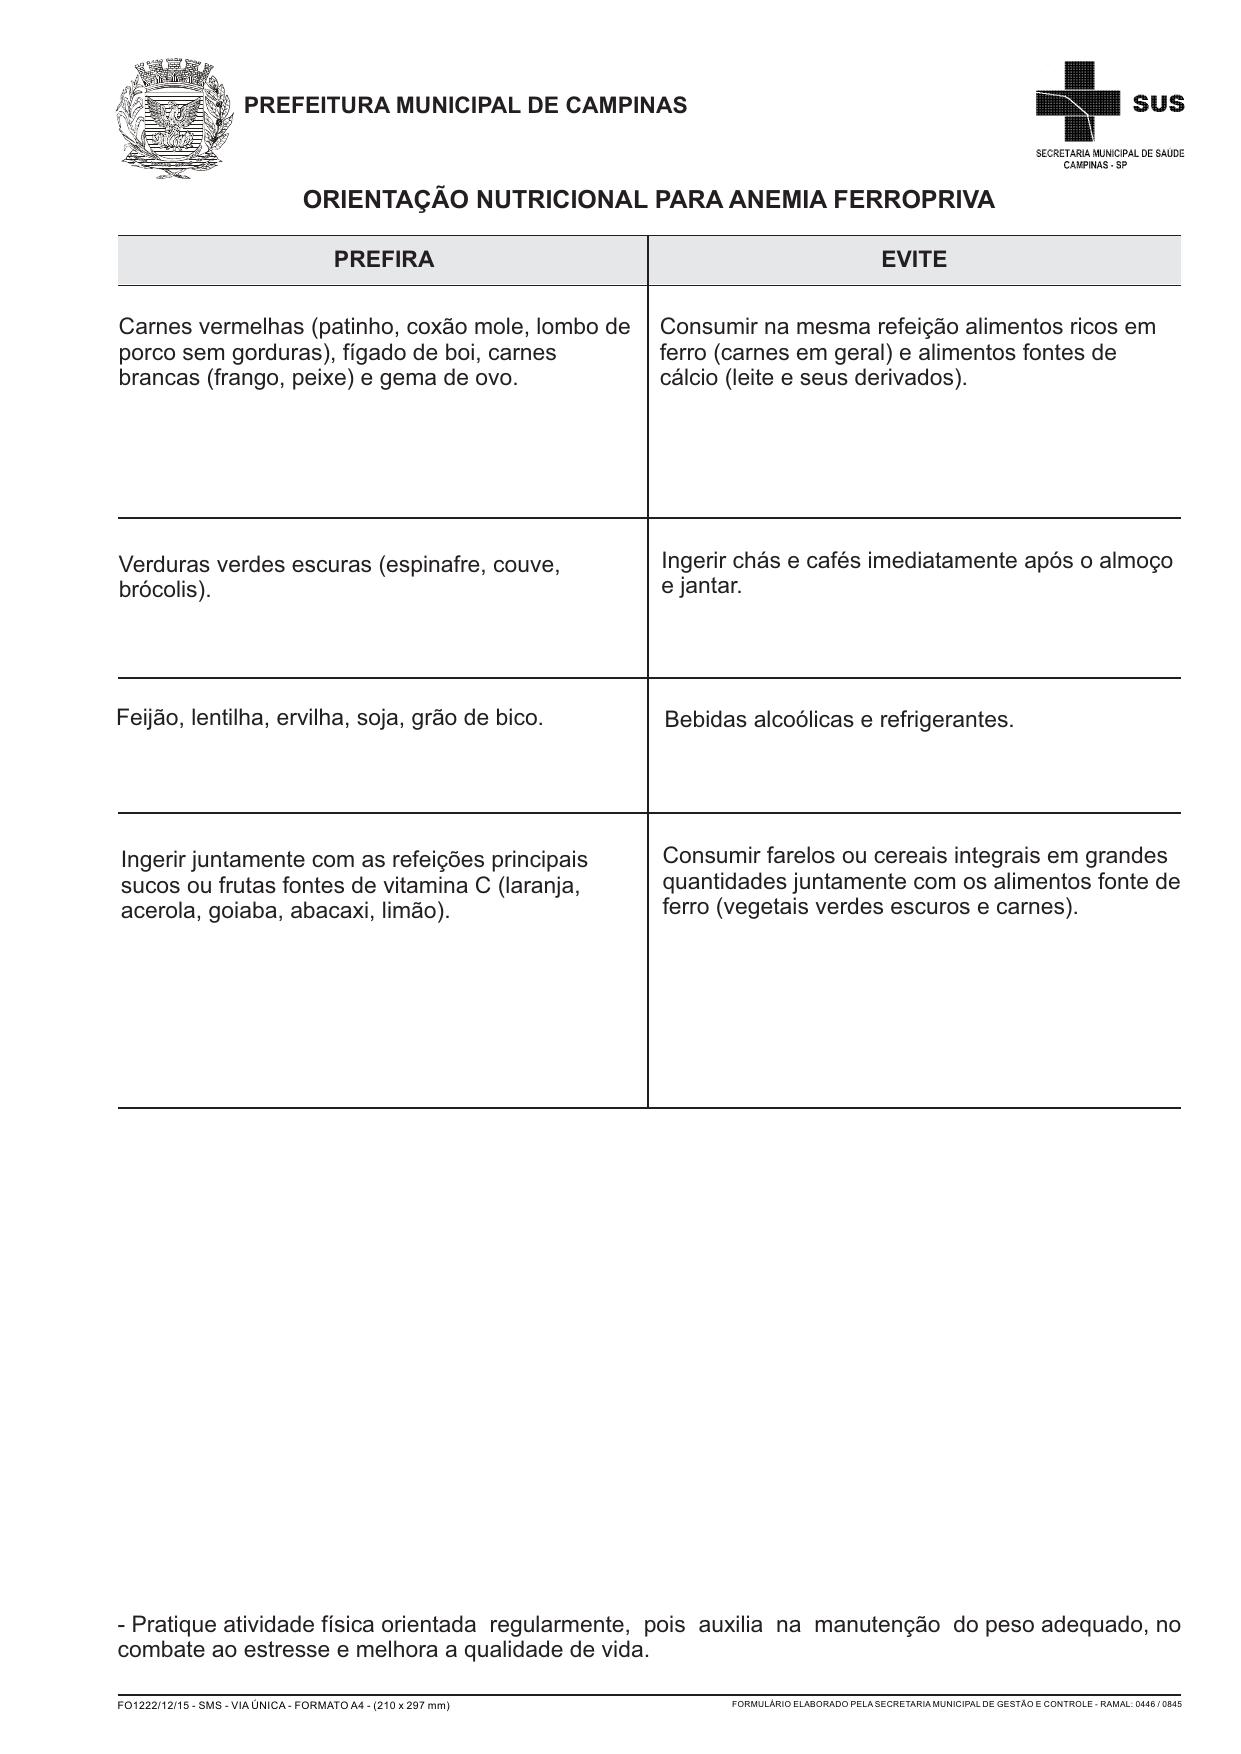 Conduta nutricional anemia ferropriva